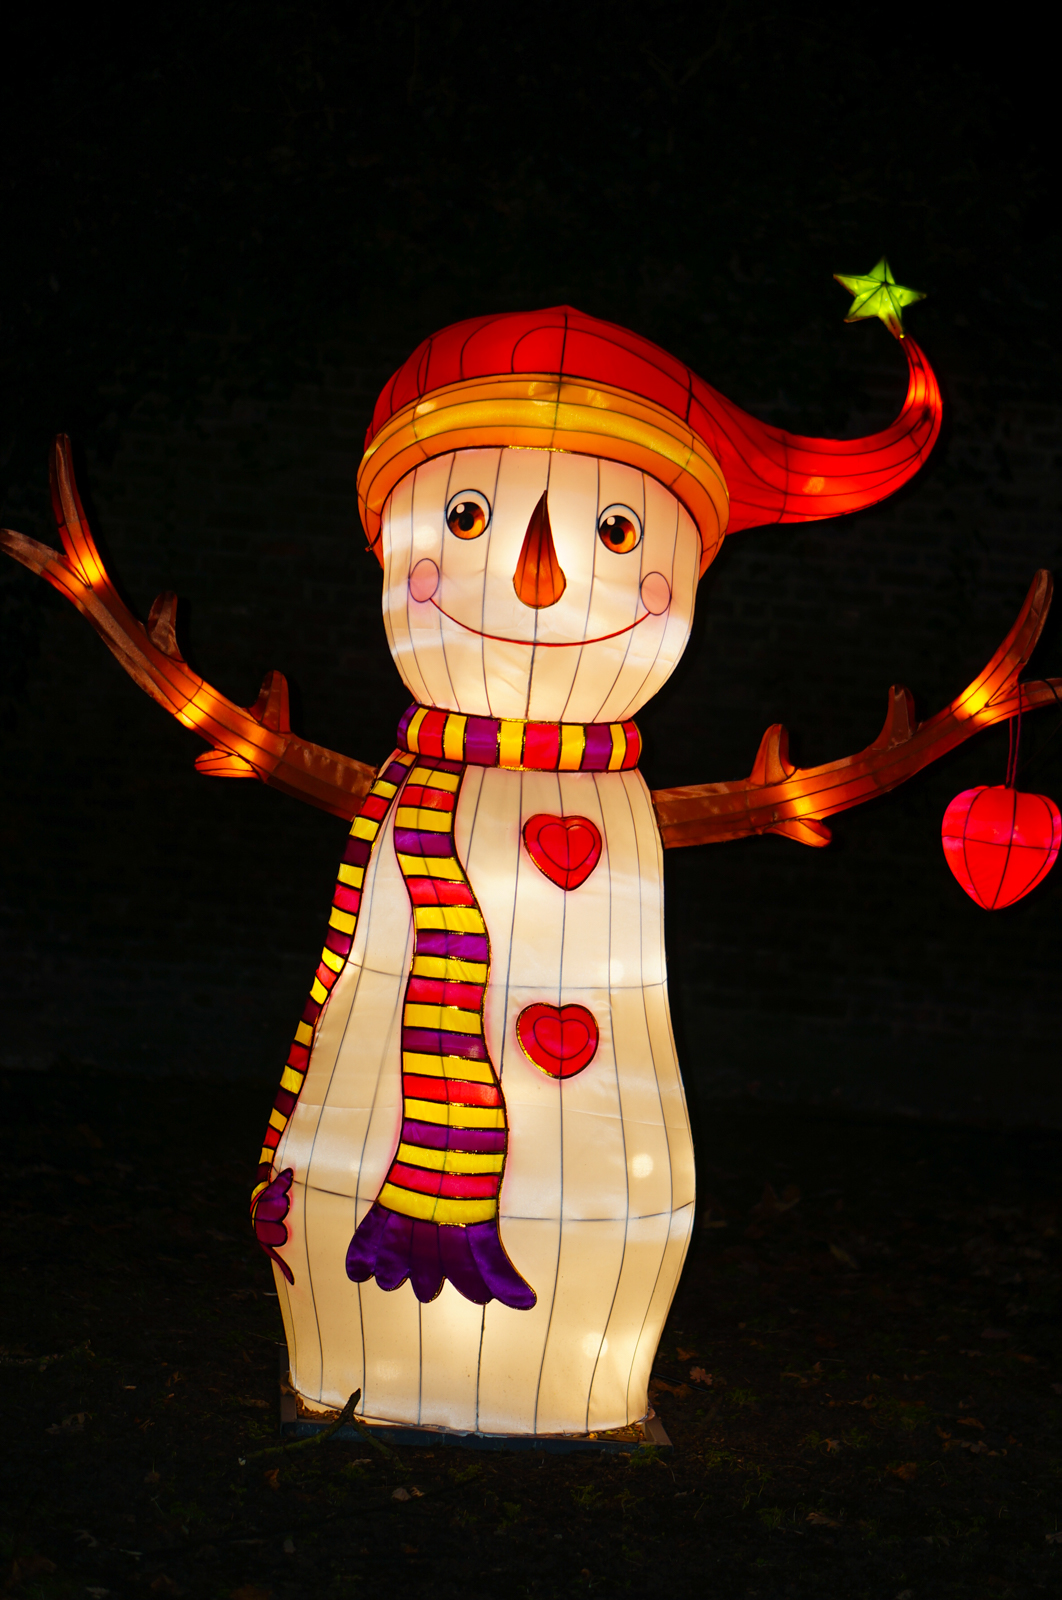 magical lantern festival, magical lantern festival london, festival hiver londres, idée sortie enfants londres, balade noël enfants londres, noël londres, londres de nuit, london by night